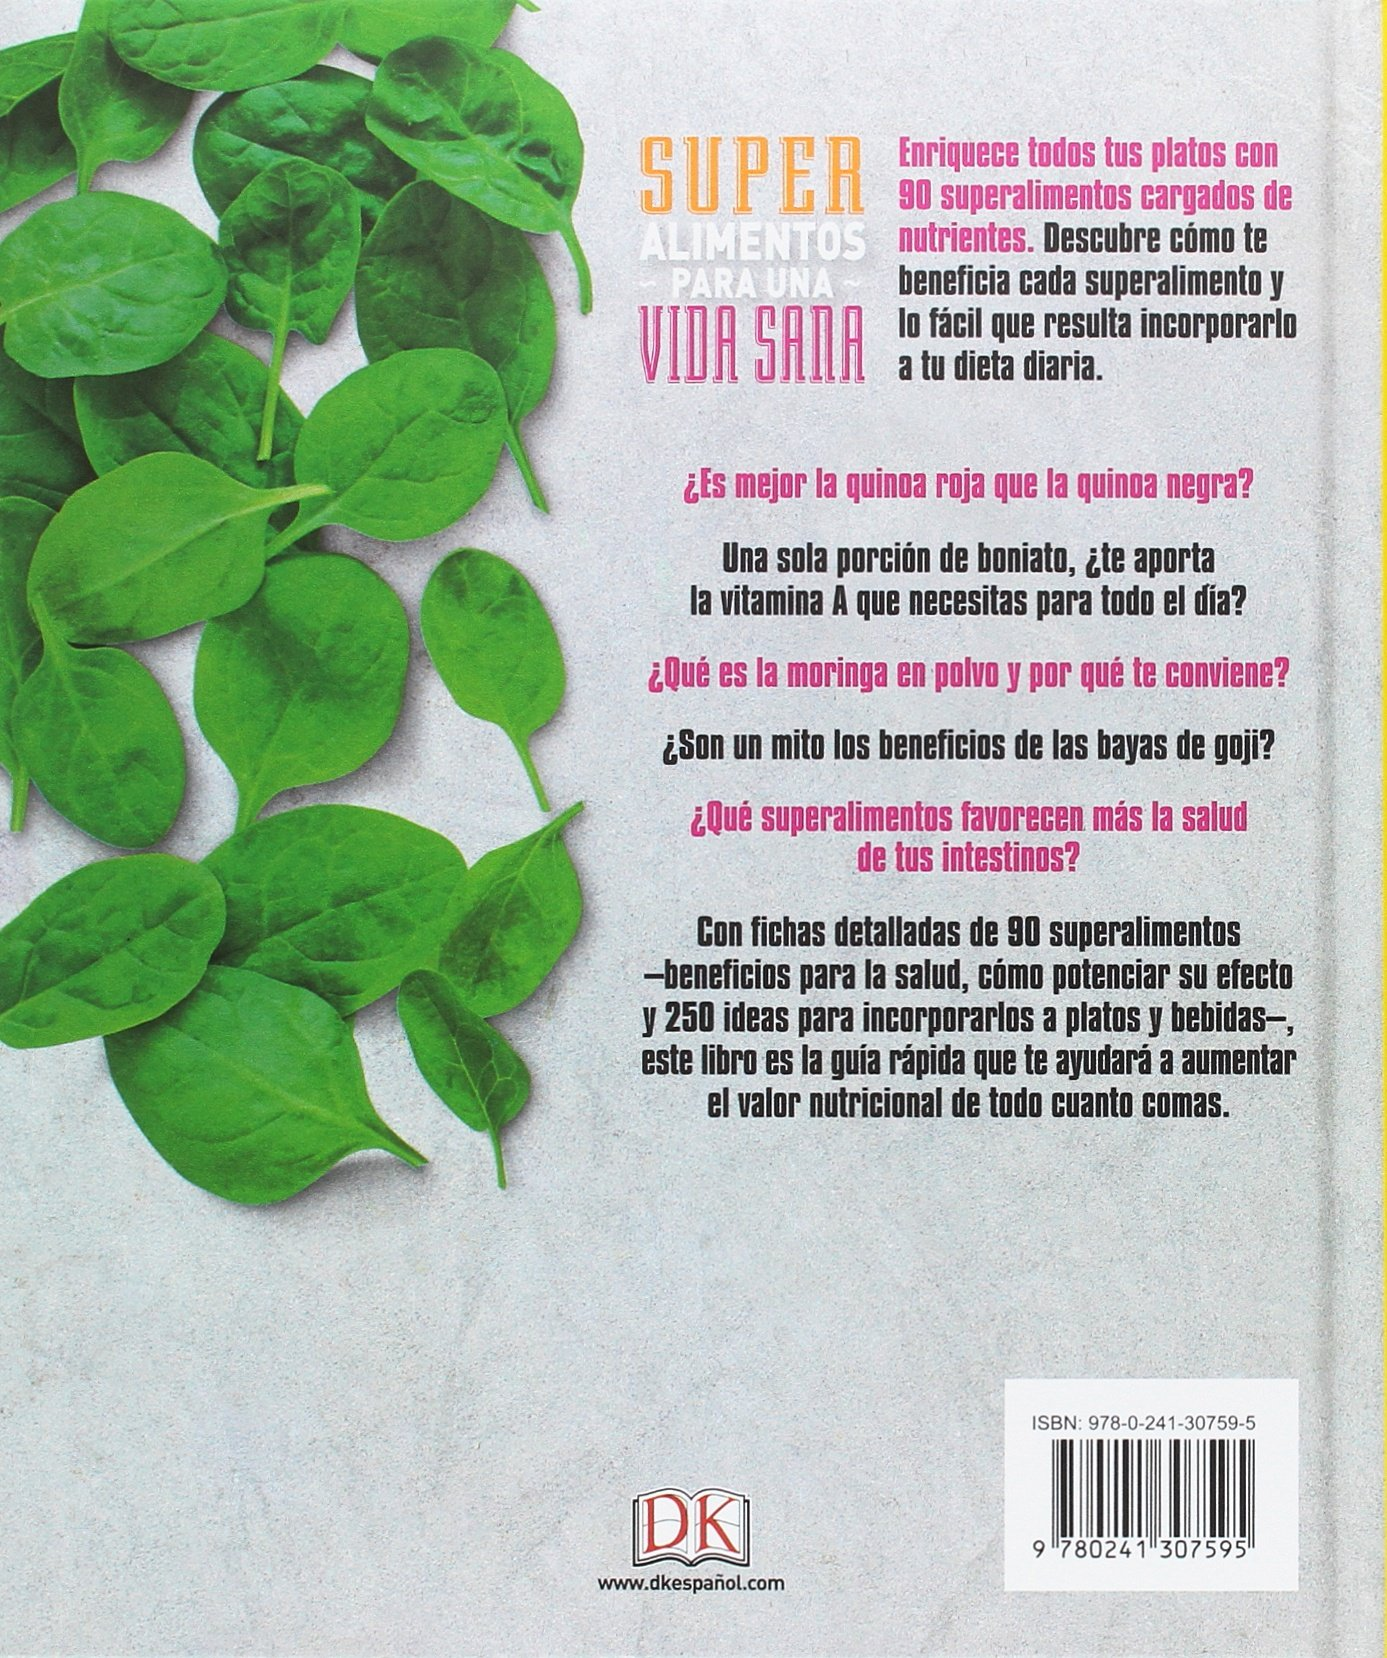 Superalimentos para una vida sana: Prólogo del Chef Gonzalo ...